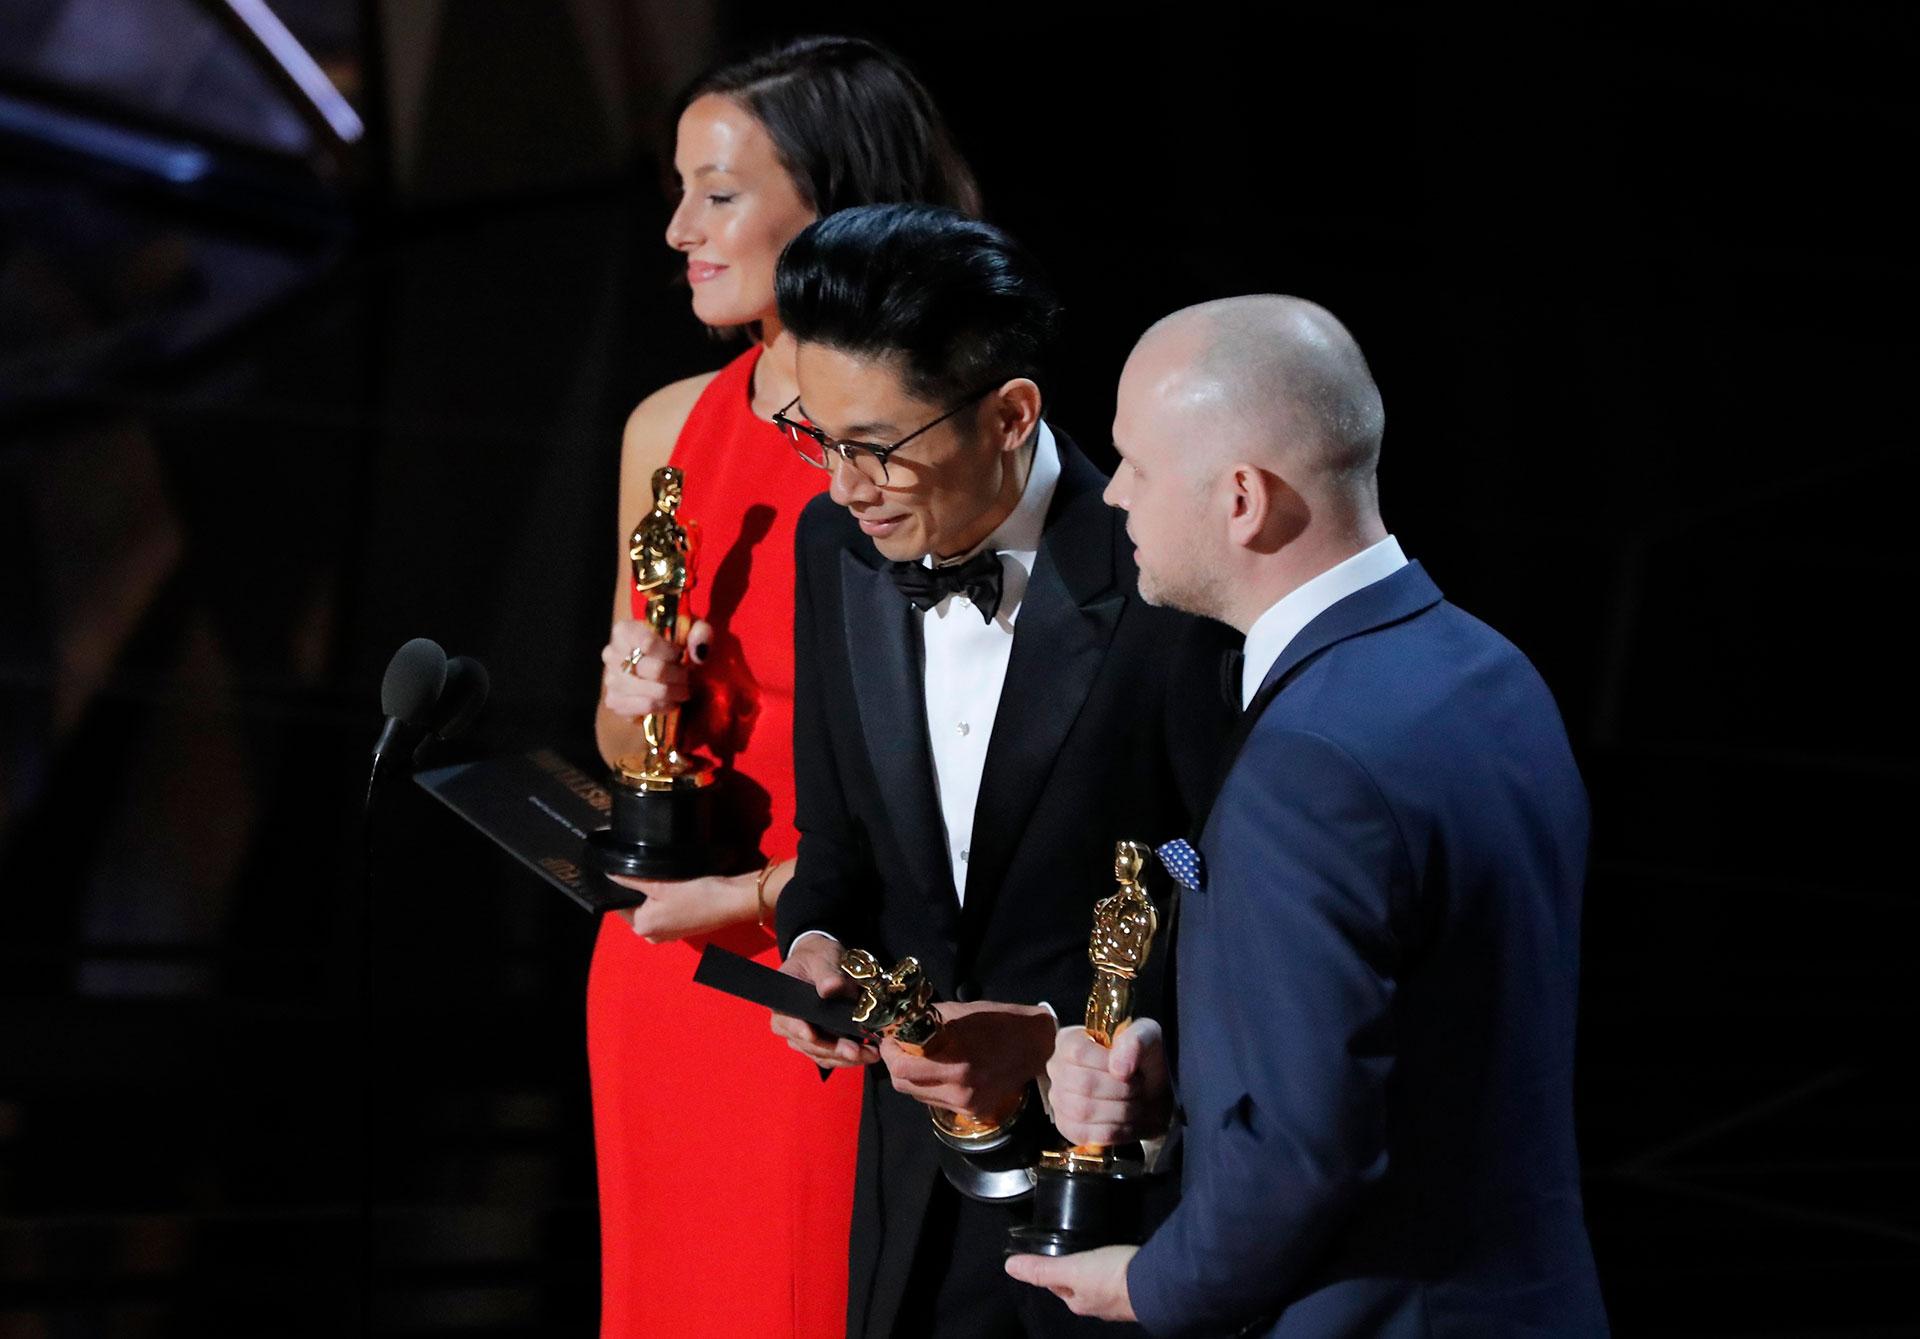 Kasuhiro Tsuji, David Molinowski y Lucy Sibbick, ganadores a Mejor Maquillaje y Peinado